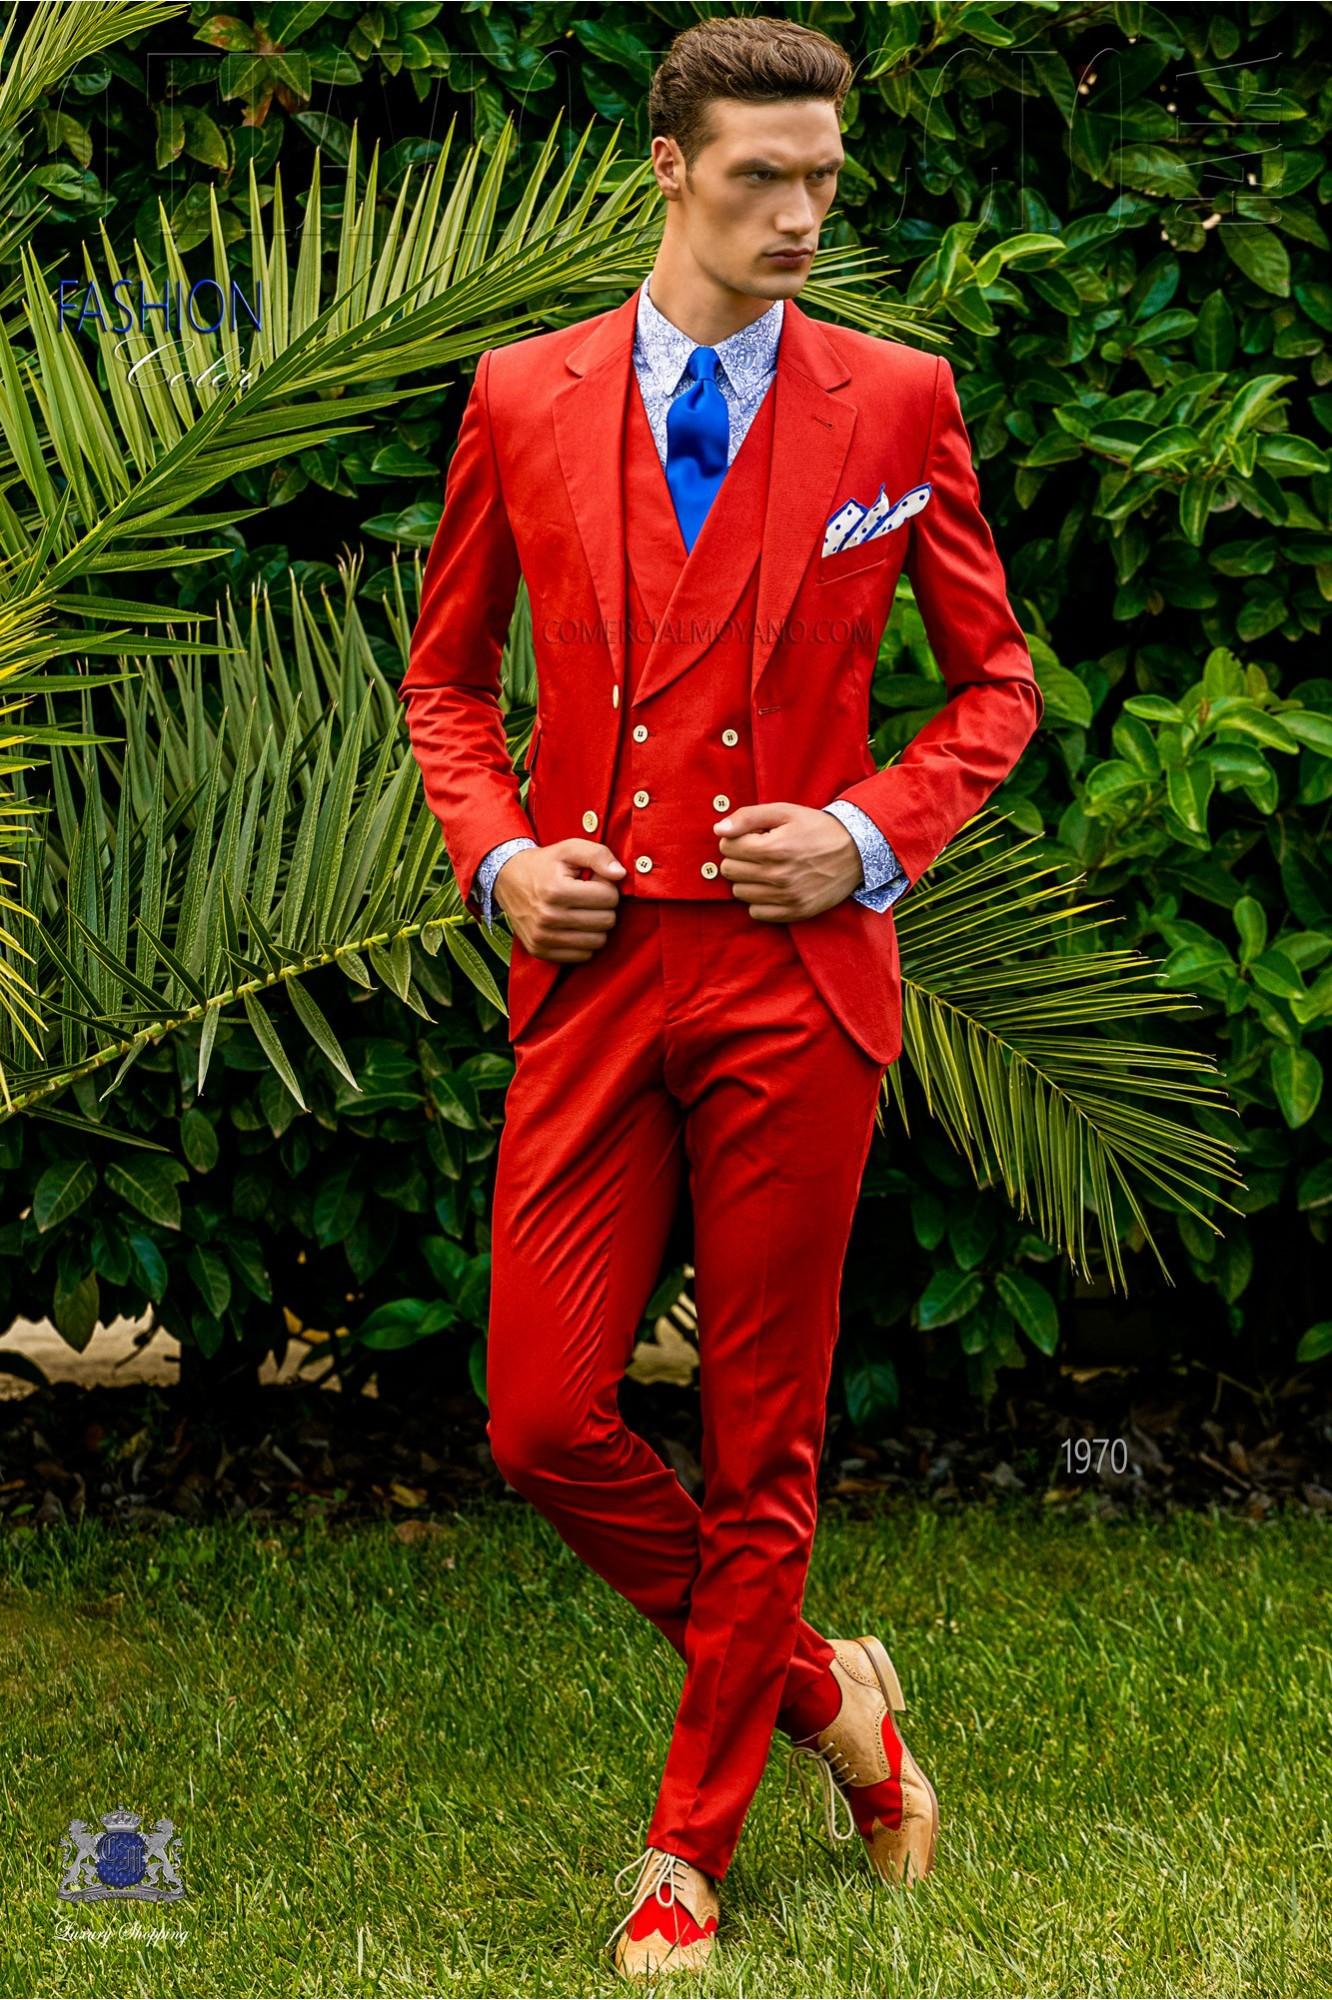 Traje de novio italiano a medida rojo de algodón modelo: 1970 Ottavio Nuccio Gala colección Hipster